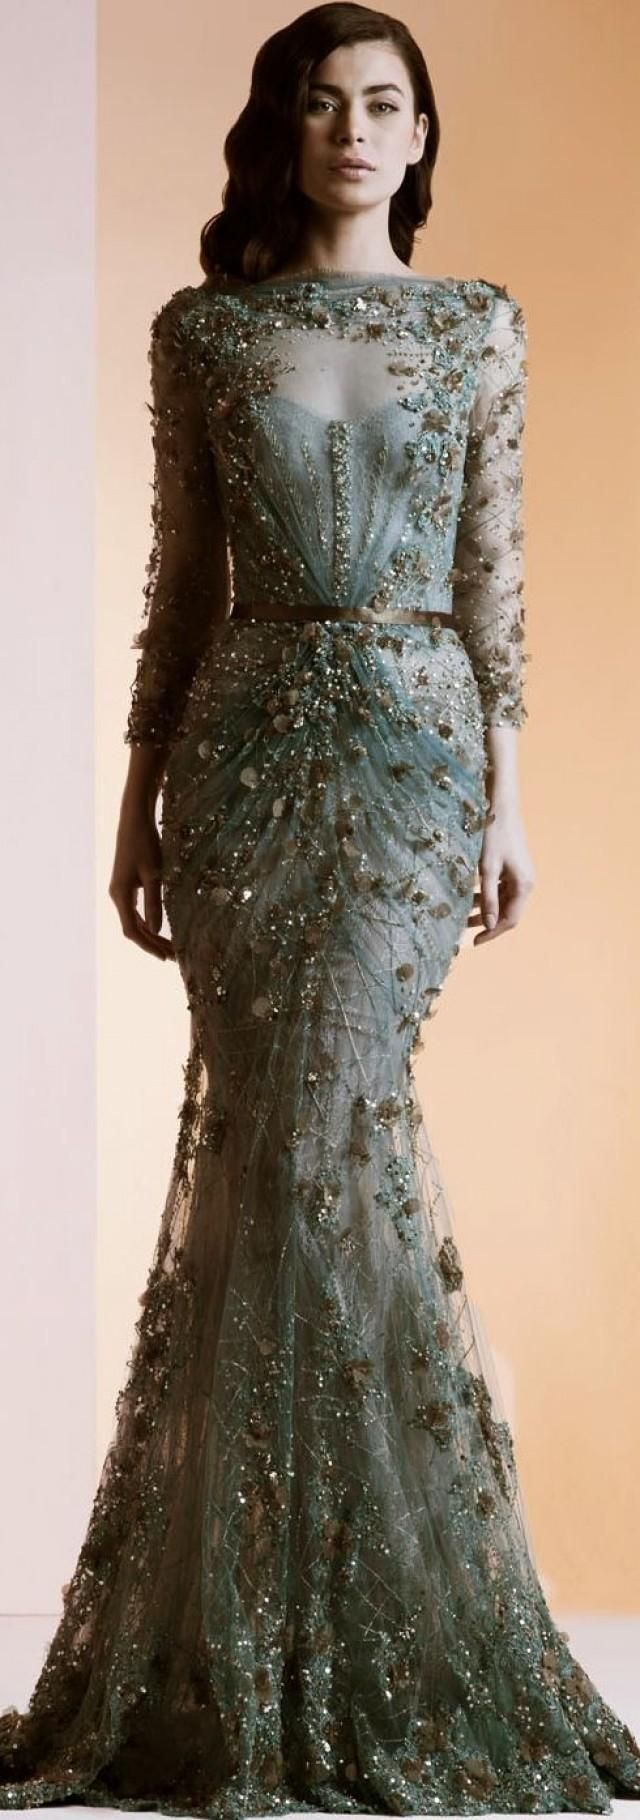 Ziad nakad haute couture ss green vestidos de noche y